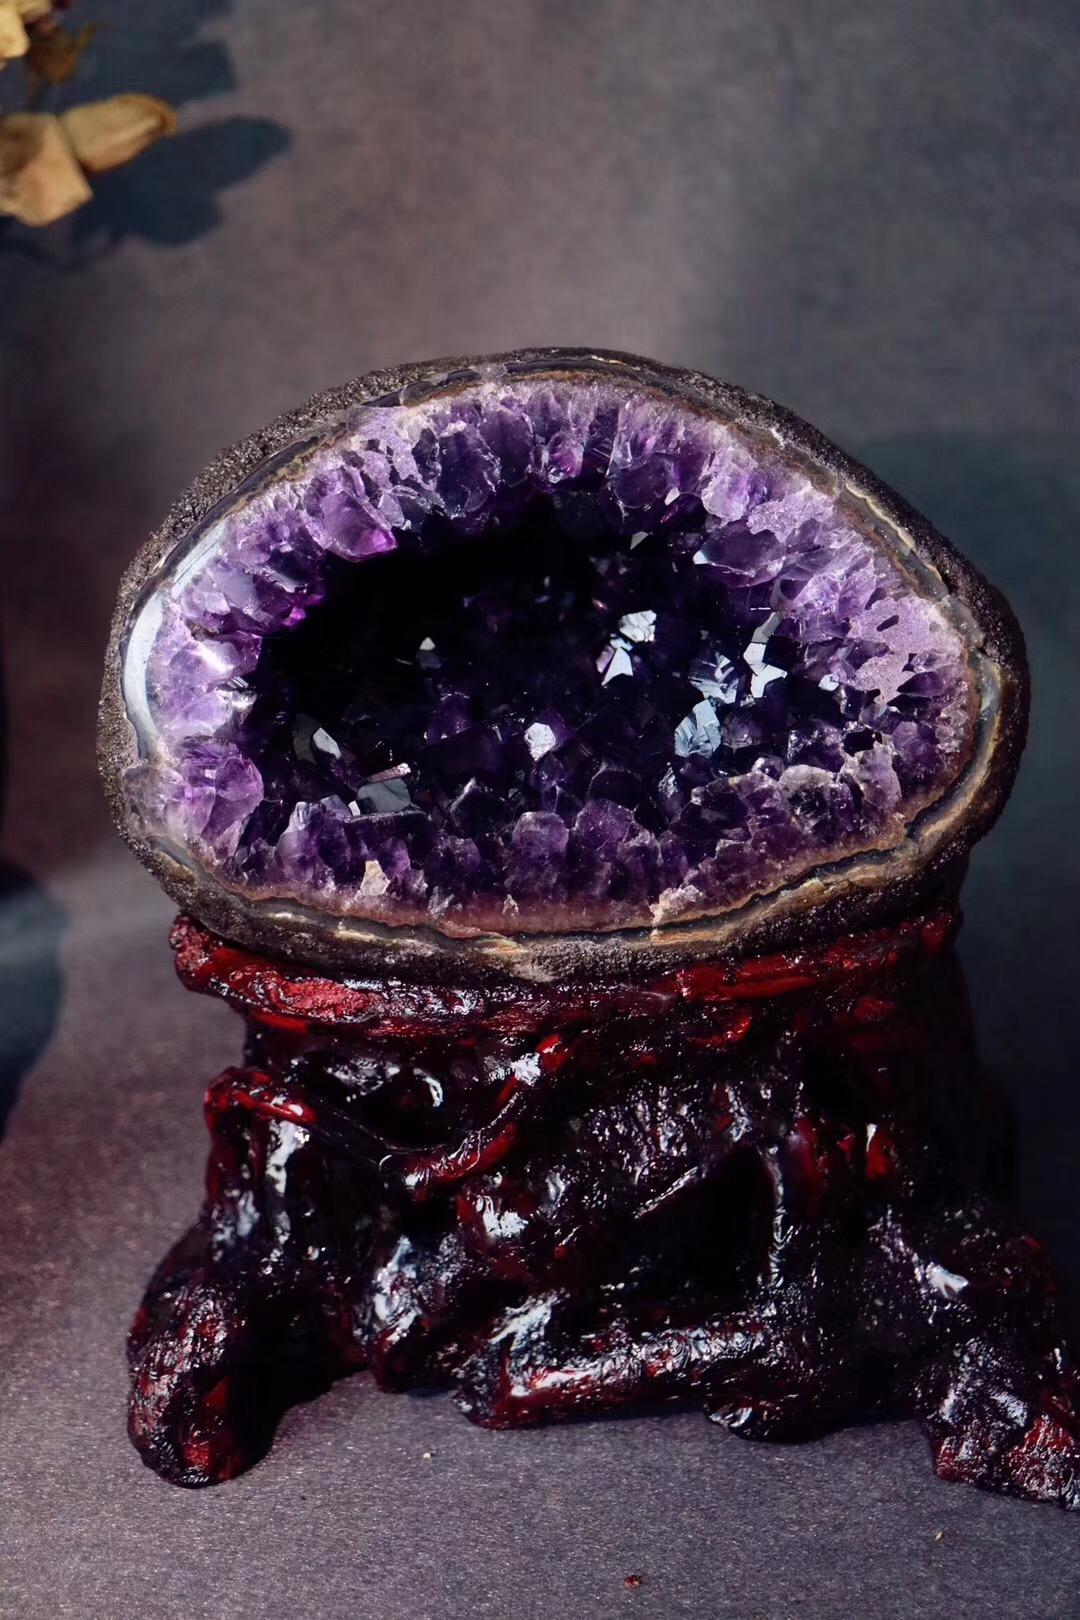 【乌拉圭紫晶洞】紫晶洞有聚气招财、镇宅祈福之妙用-菩心晶舍